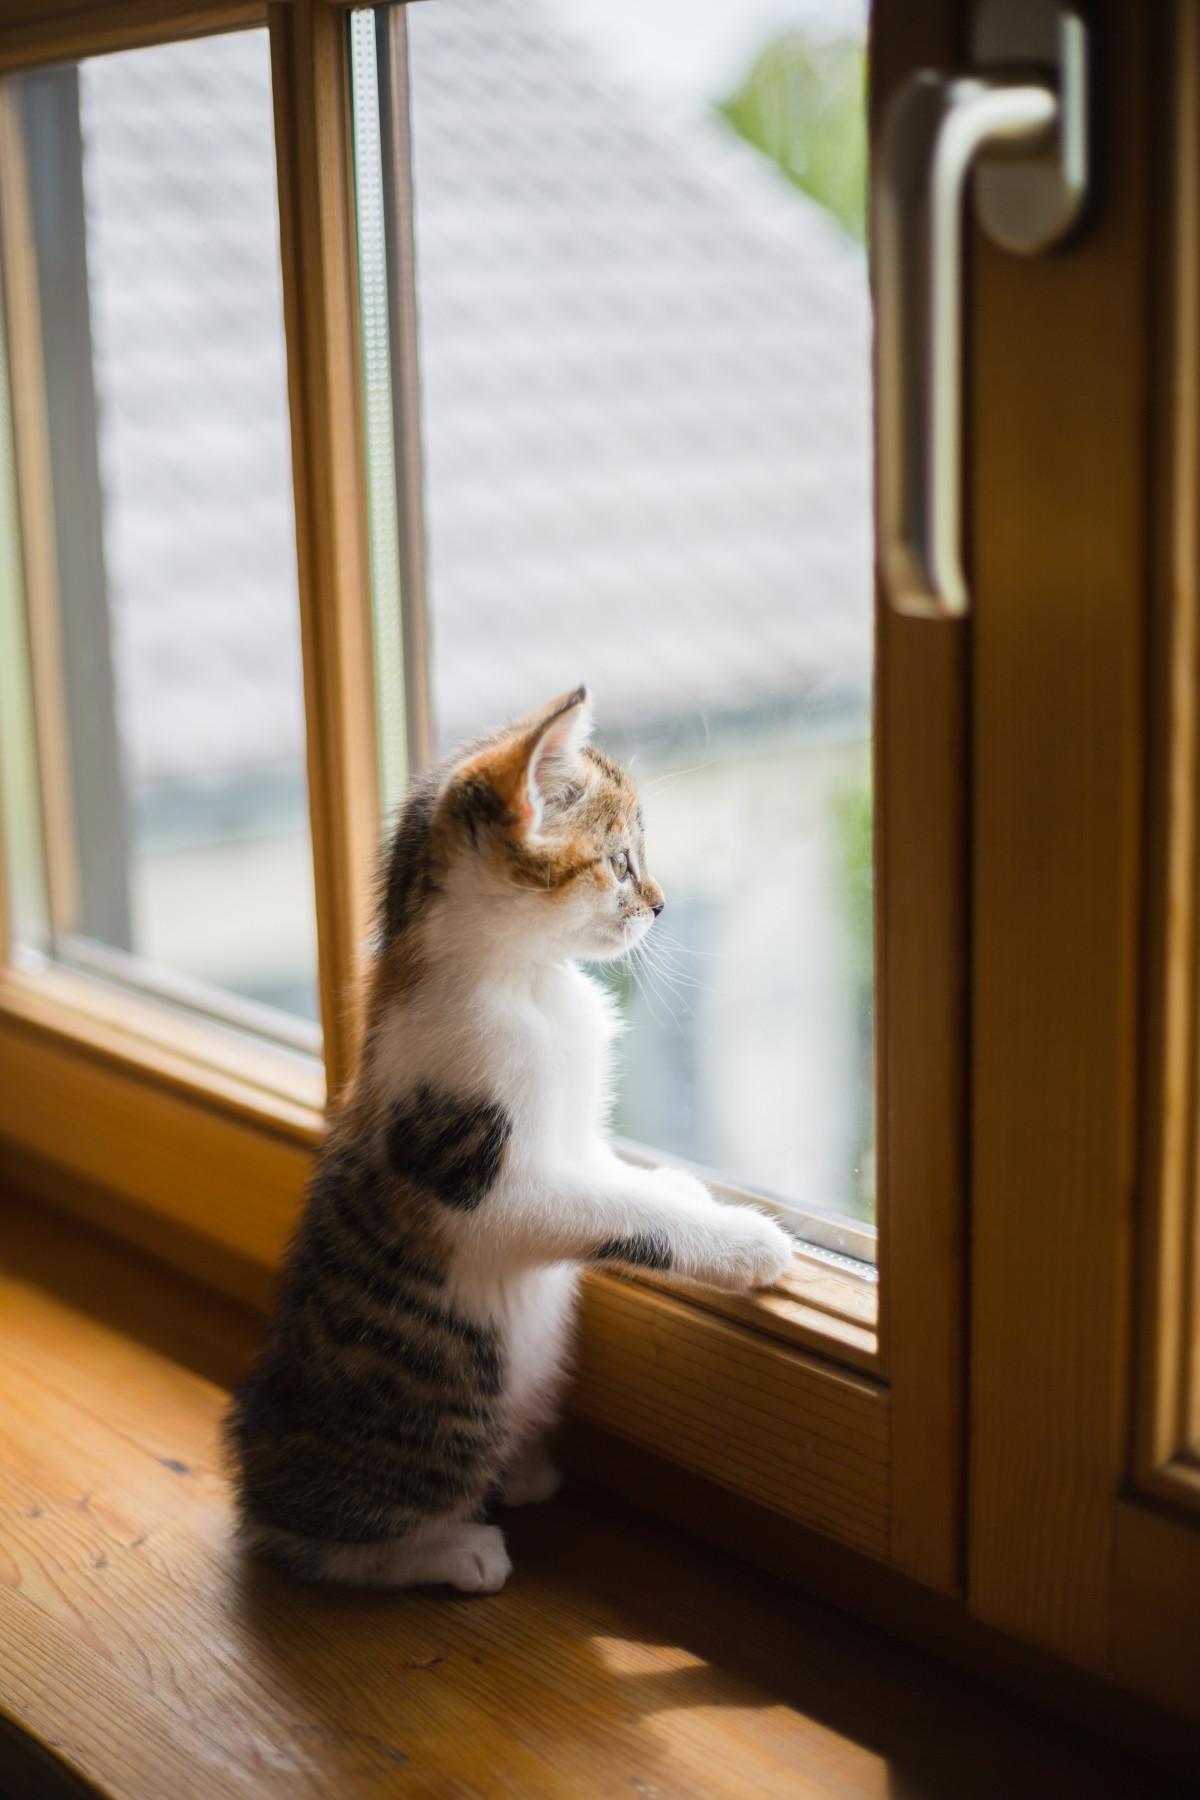 его милая картинка окно нежного